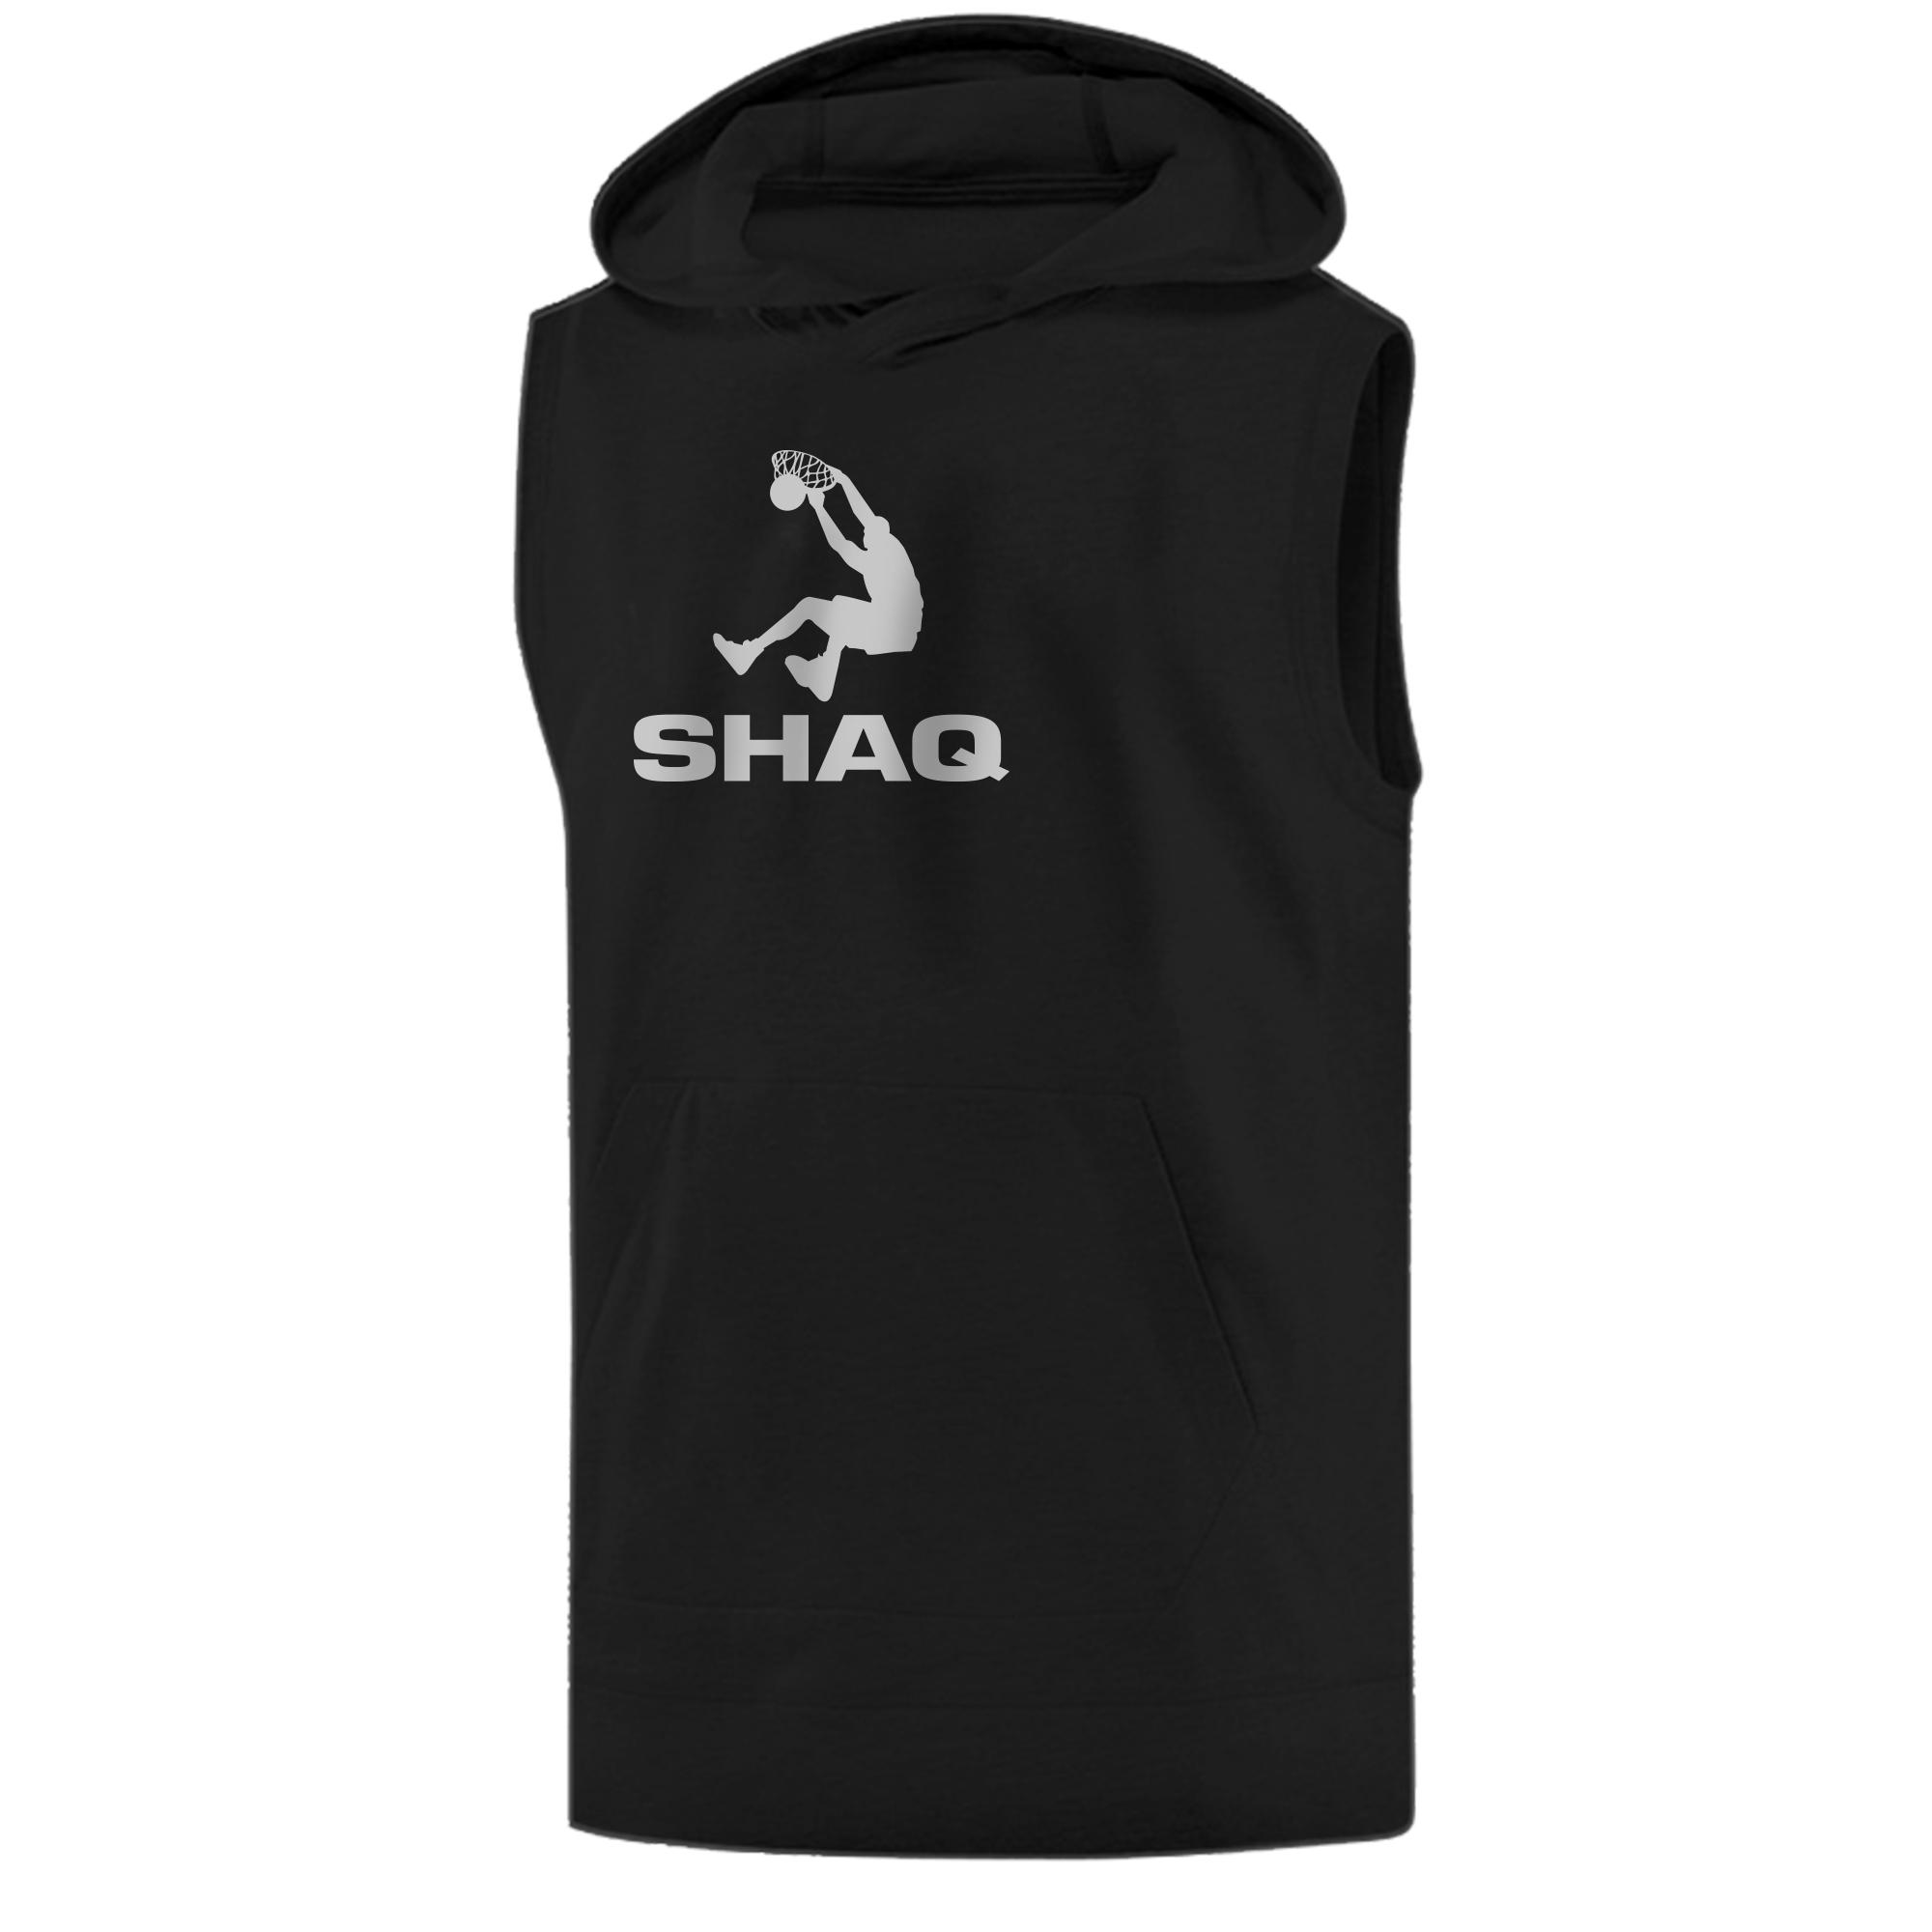 Shaquille O'Neal Sleeveless (KLS-BLC-NP-393-ShaquilleO'Neal)